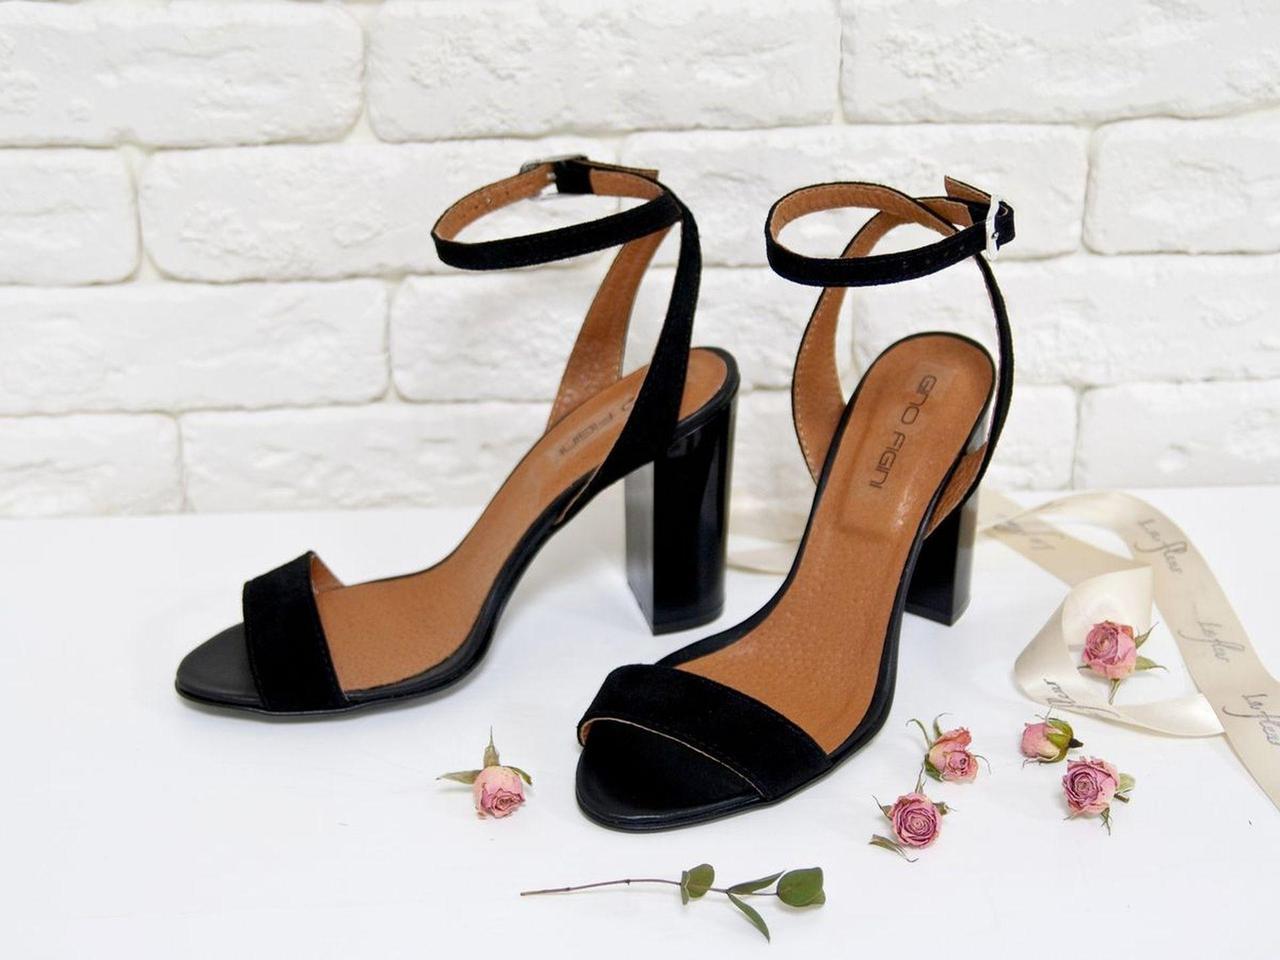 Летние Босоножки на каблуке из натуральной замши и кожи черного цвета